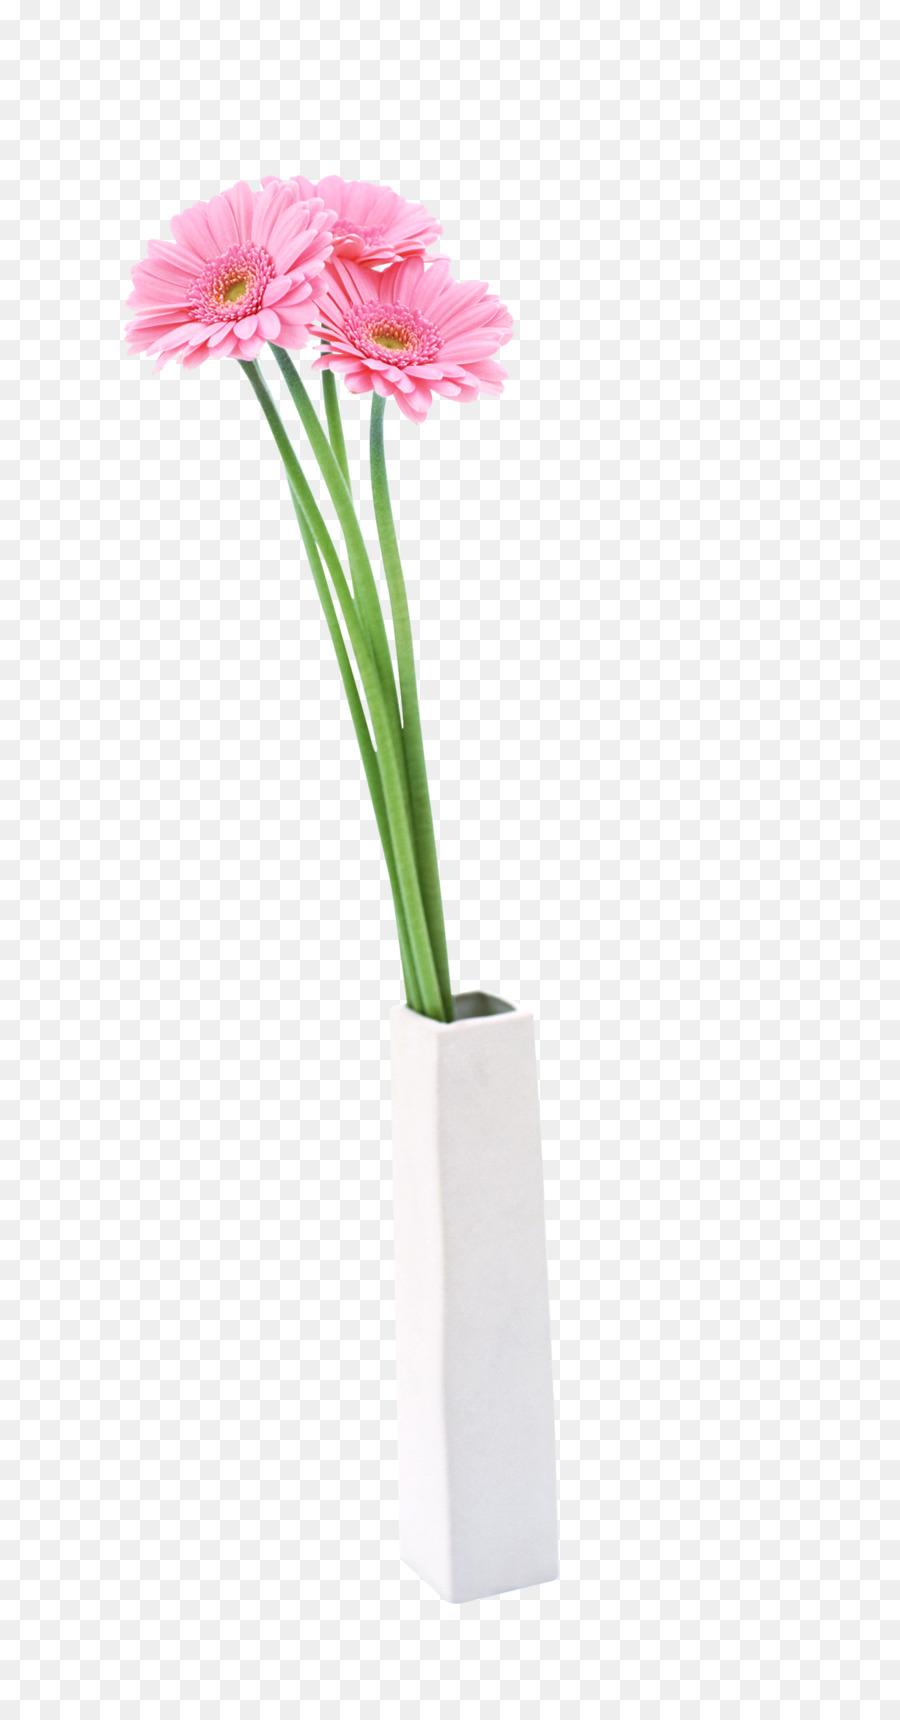 Descarga gratuita de Flor, Florero, Maceta imágenes PNG